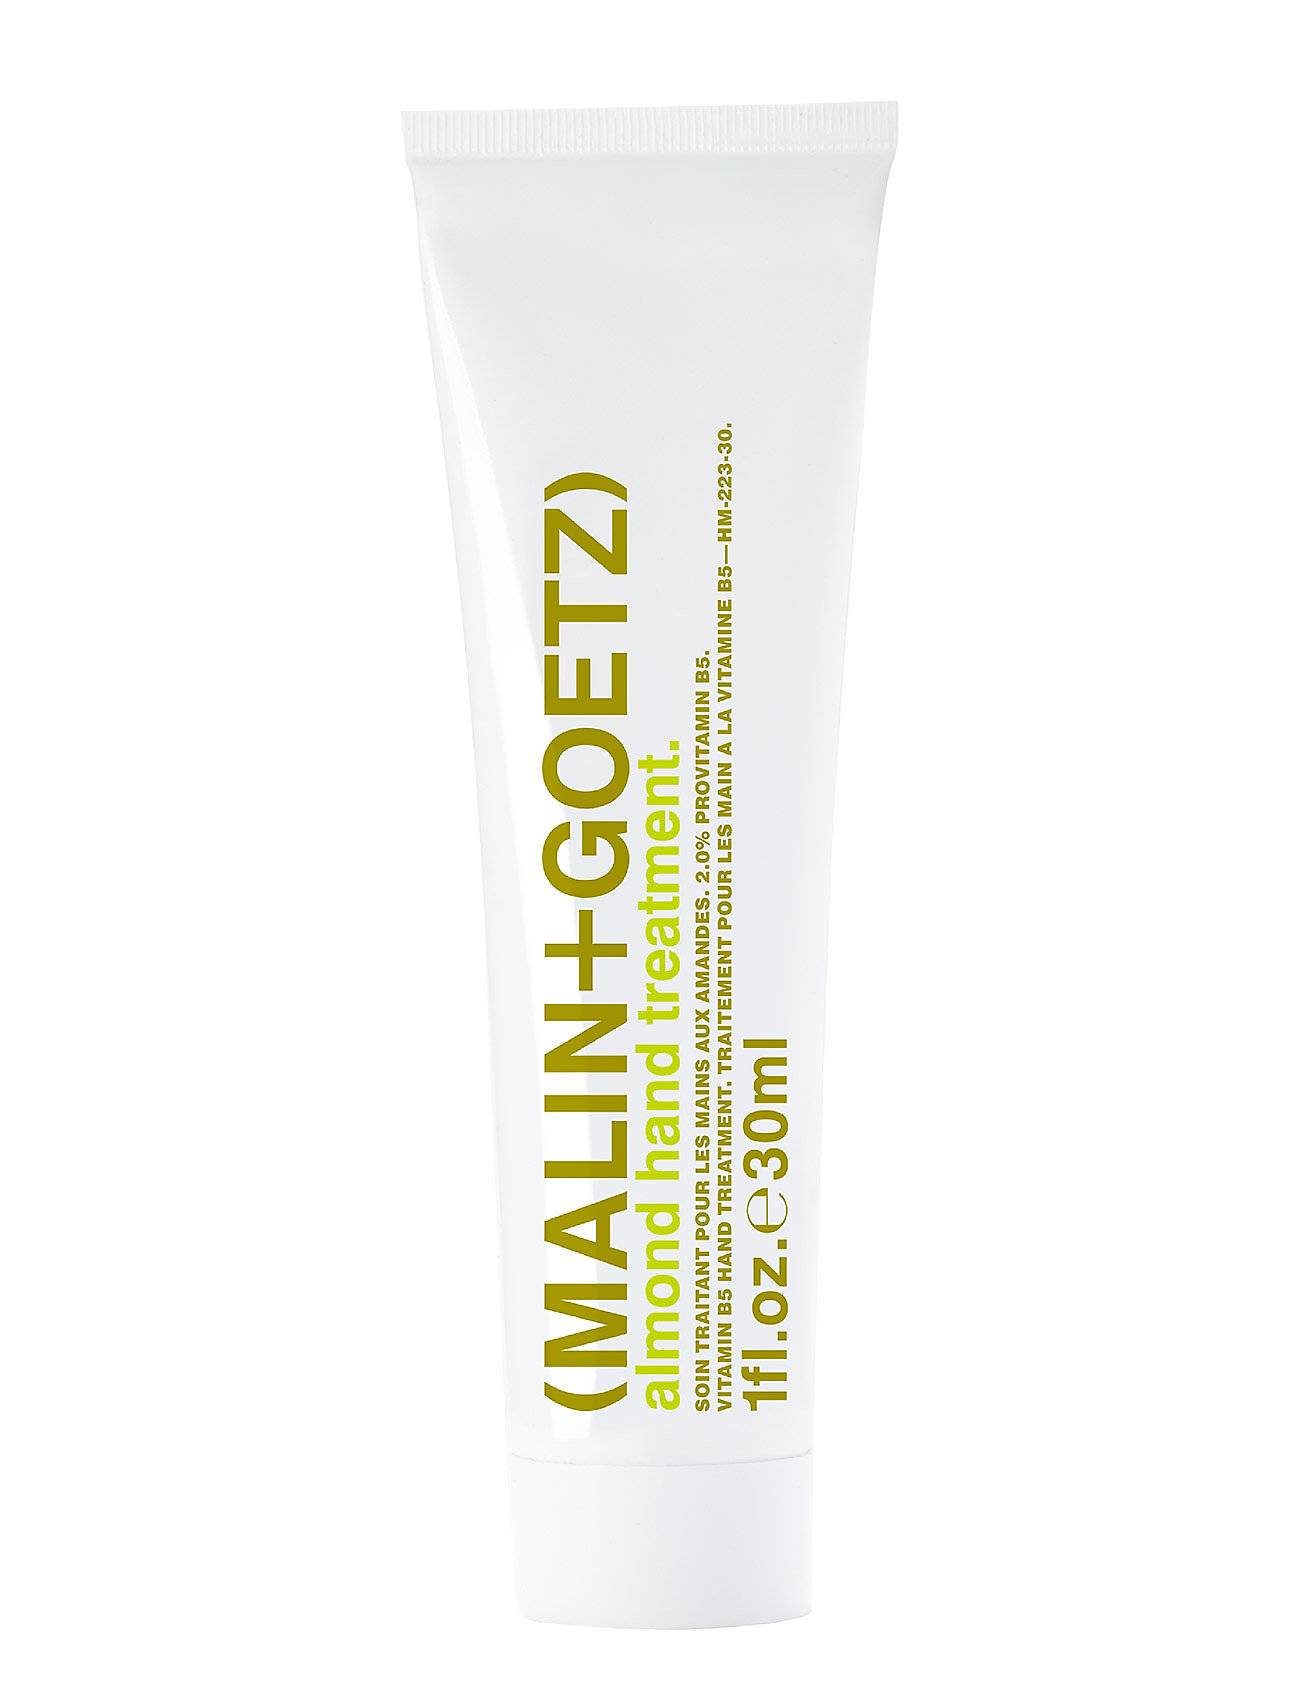 MALIN+GOETZ Almond Hand Treatment Kosteusvoide Vartalo Nude MALIN+GOETZ